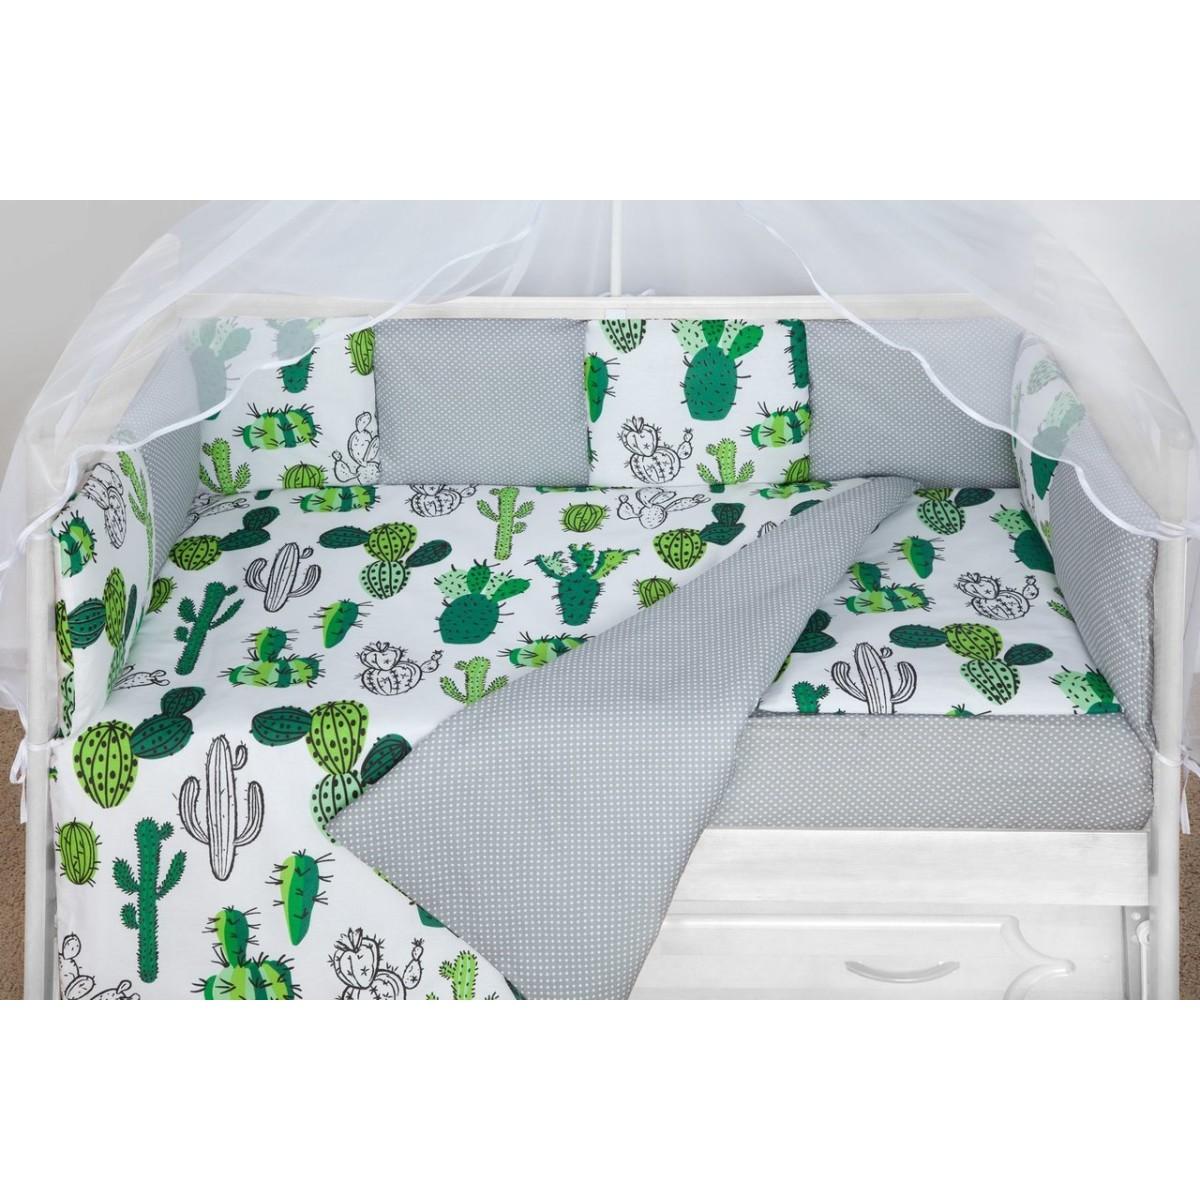 Комплект постельного белья AmaroBaby Кактусы в кроватку бязь 15 предметов